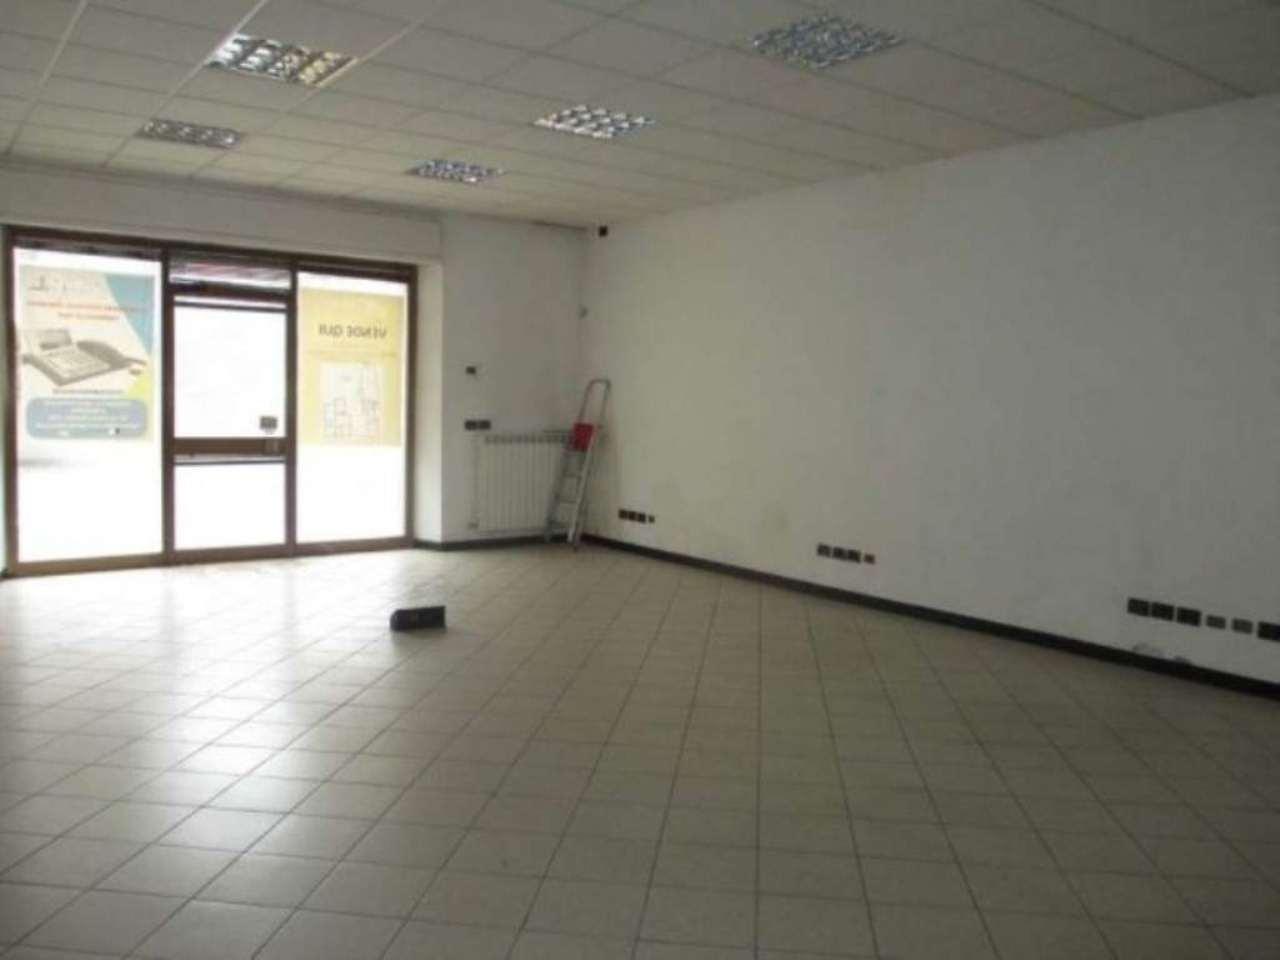 Negozio / Locale in vendita a Genivolta, 6 locali, prezzo € 130.000 | CambioCasa.it